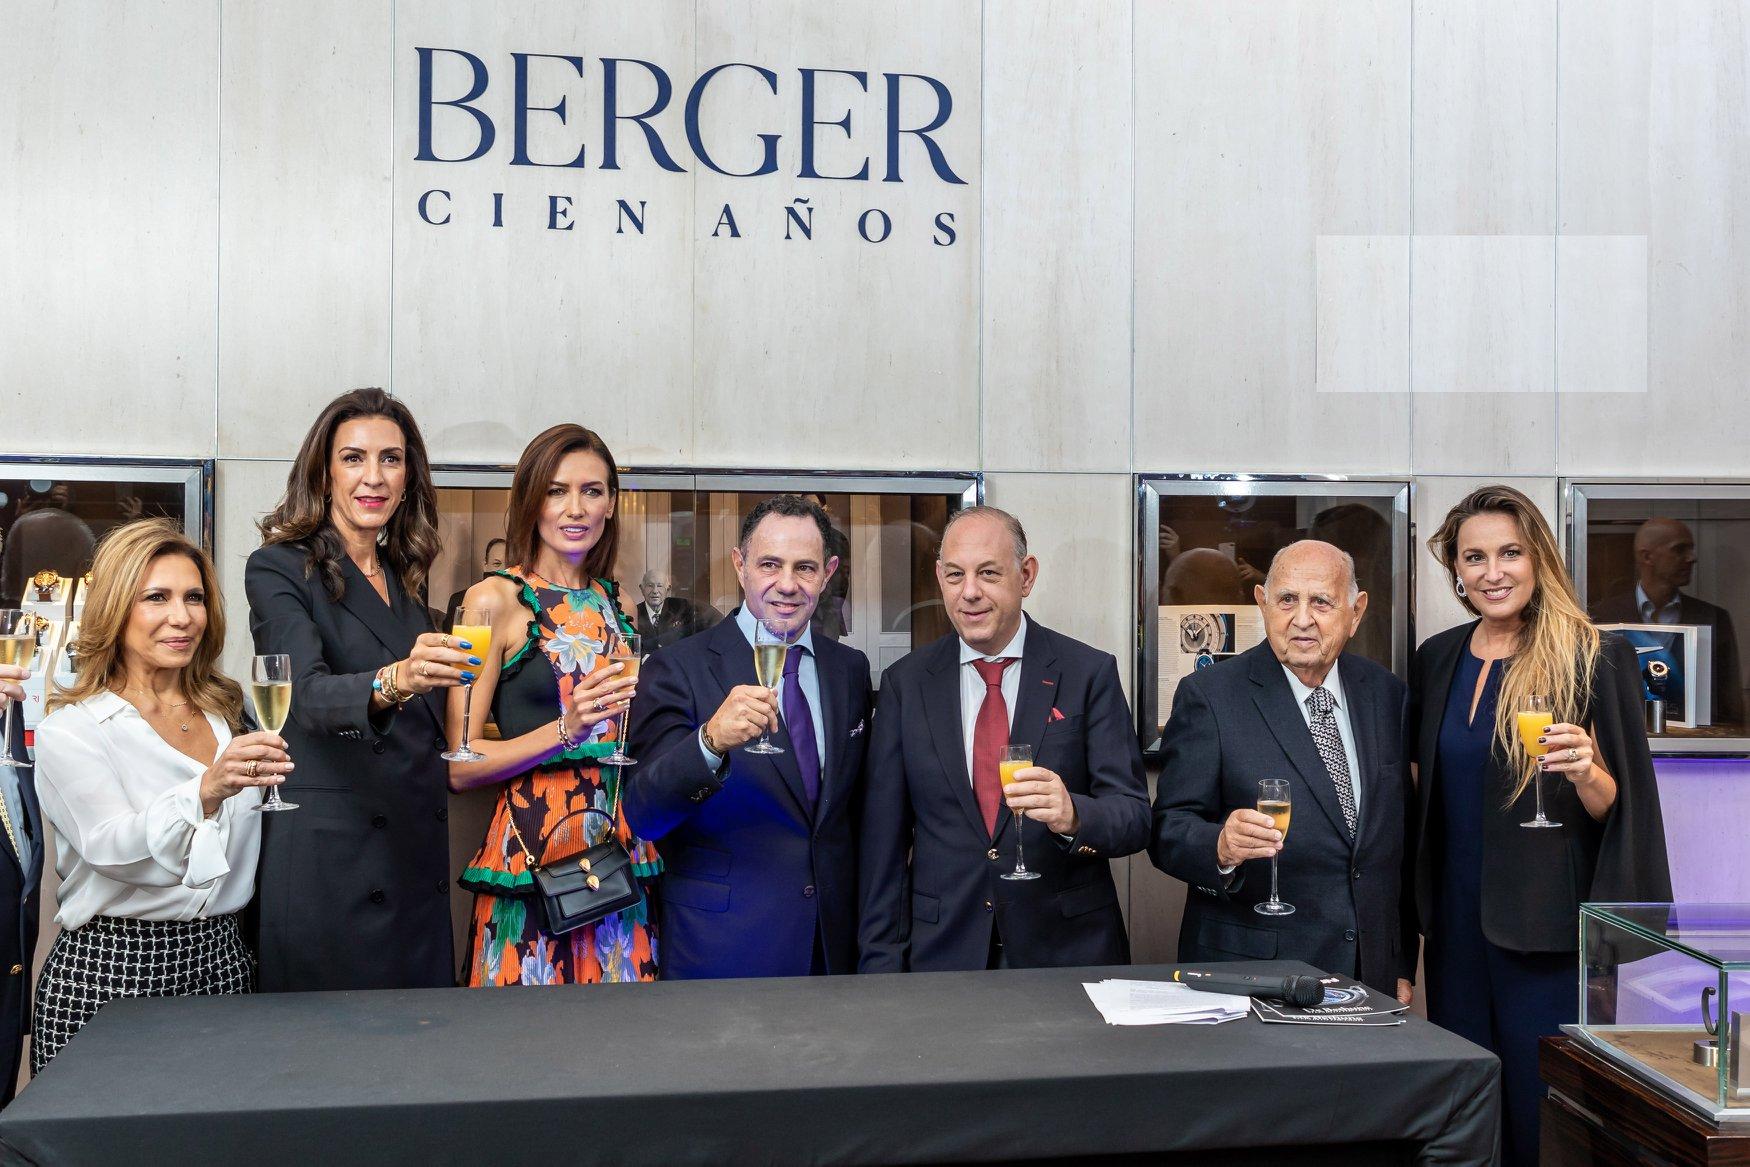 Berger 100 años